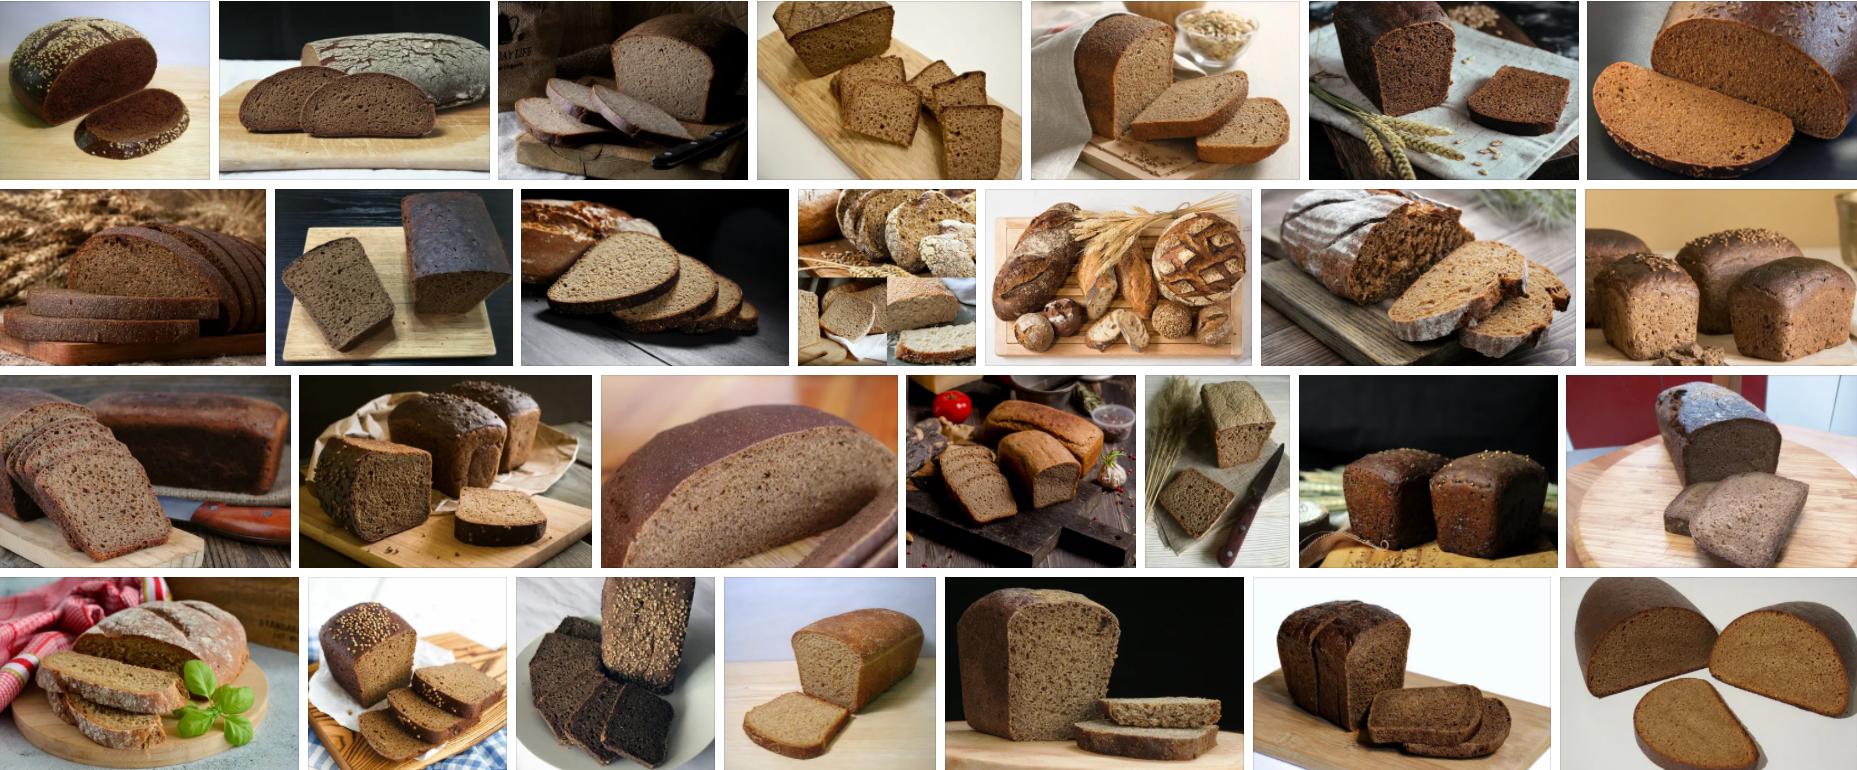 Черный хлеб  для бутерброда с сыром и маслом.